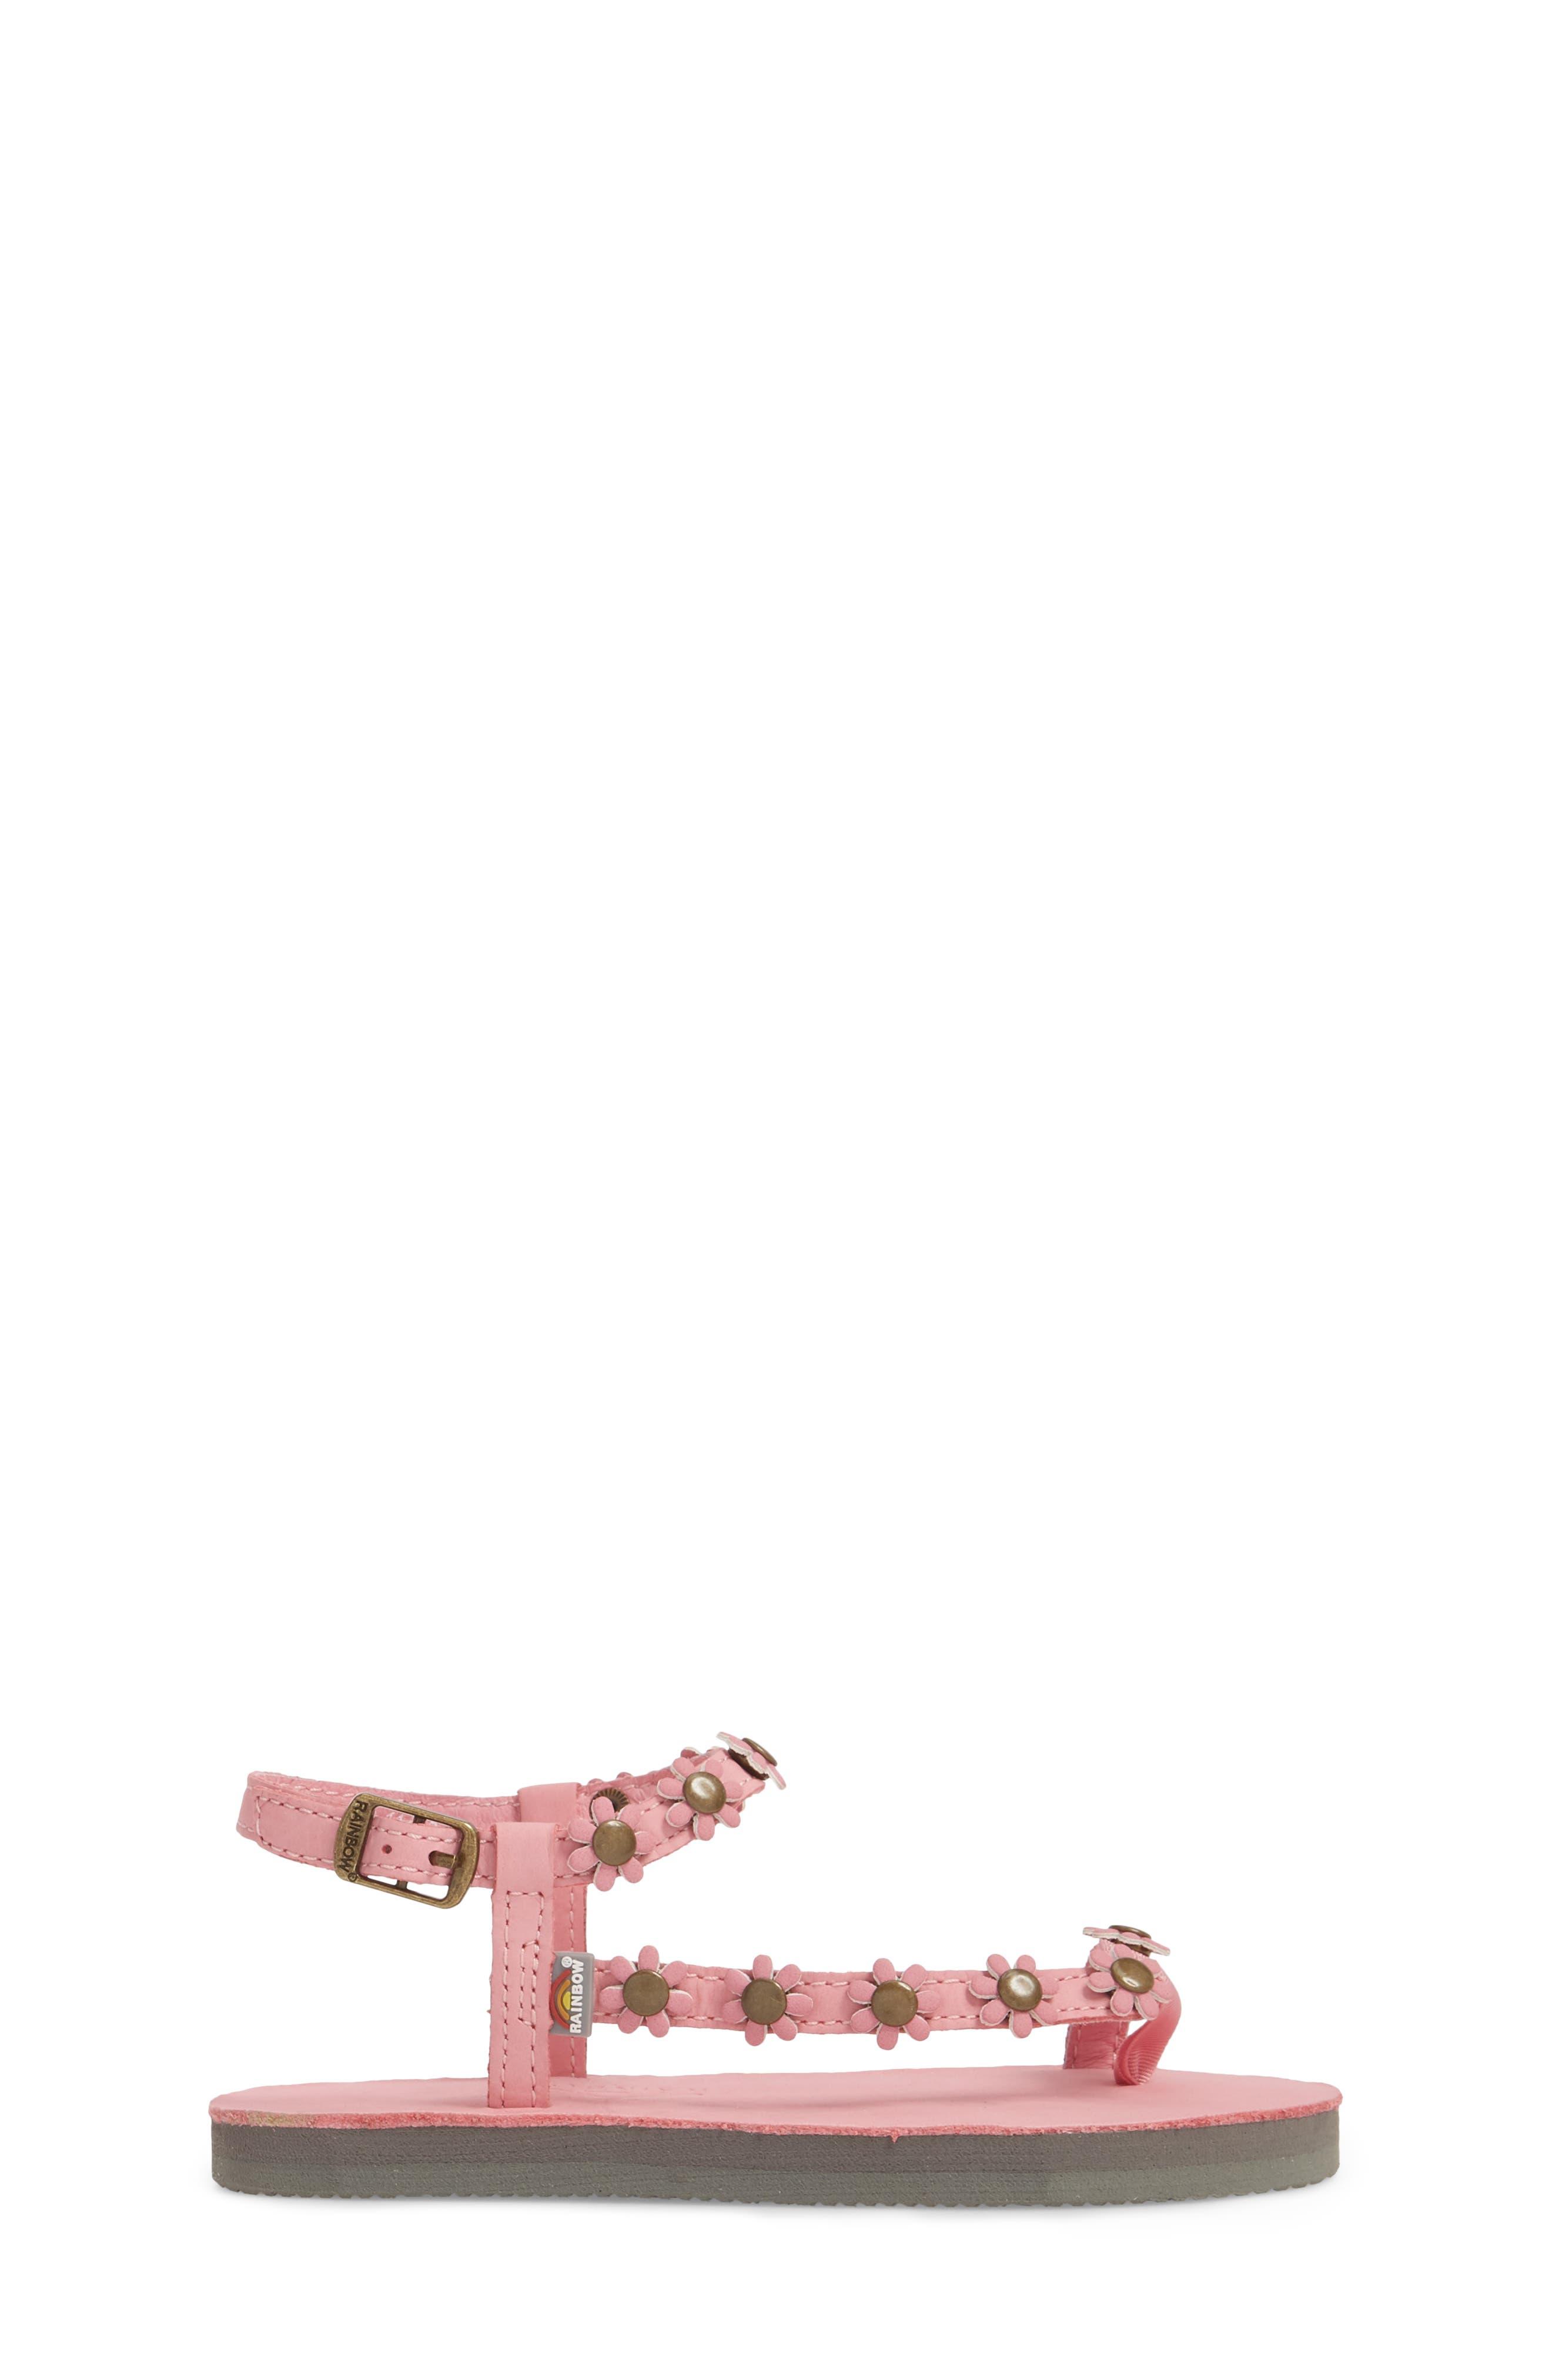 Delilah Flowered Sandal,                             Alternate thumbnail 3, color,                             679